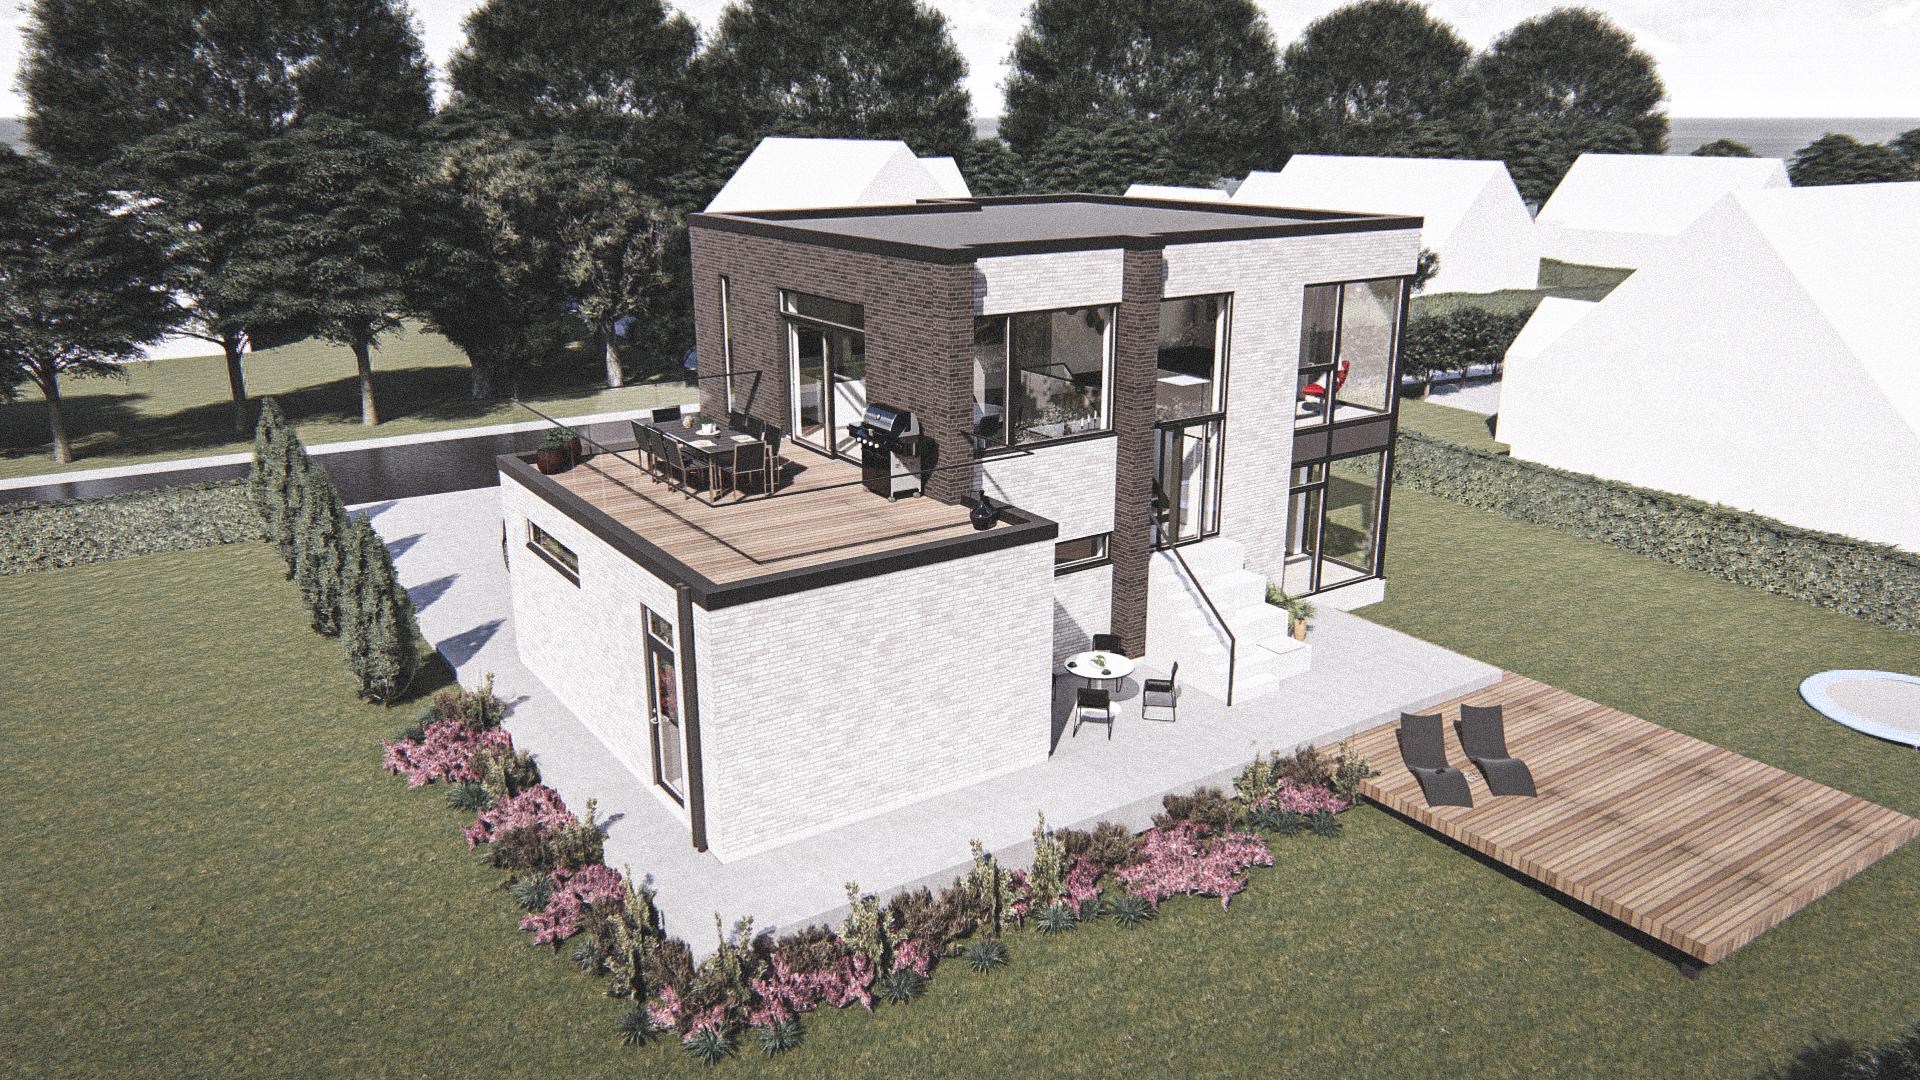 Billede af Dansk arkitekttegnet 2 plan villa af arkitektfirmaet m2plus, i Karrebæksminde på 175 kvartratmeter.